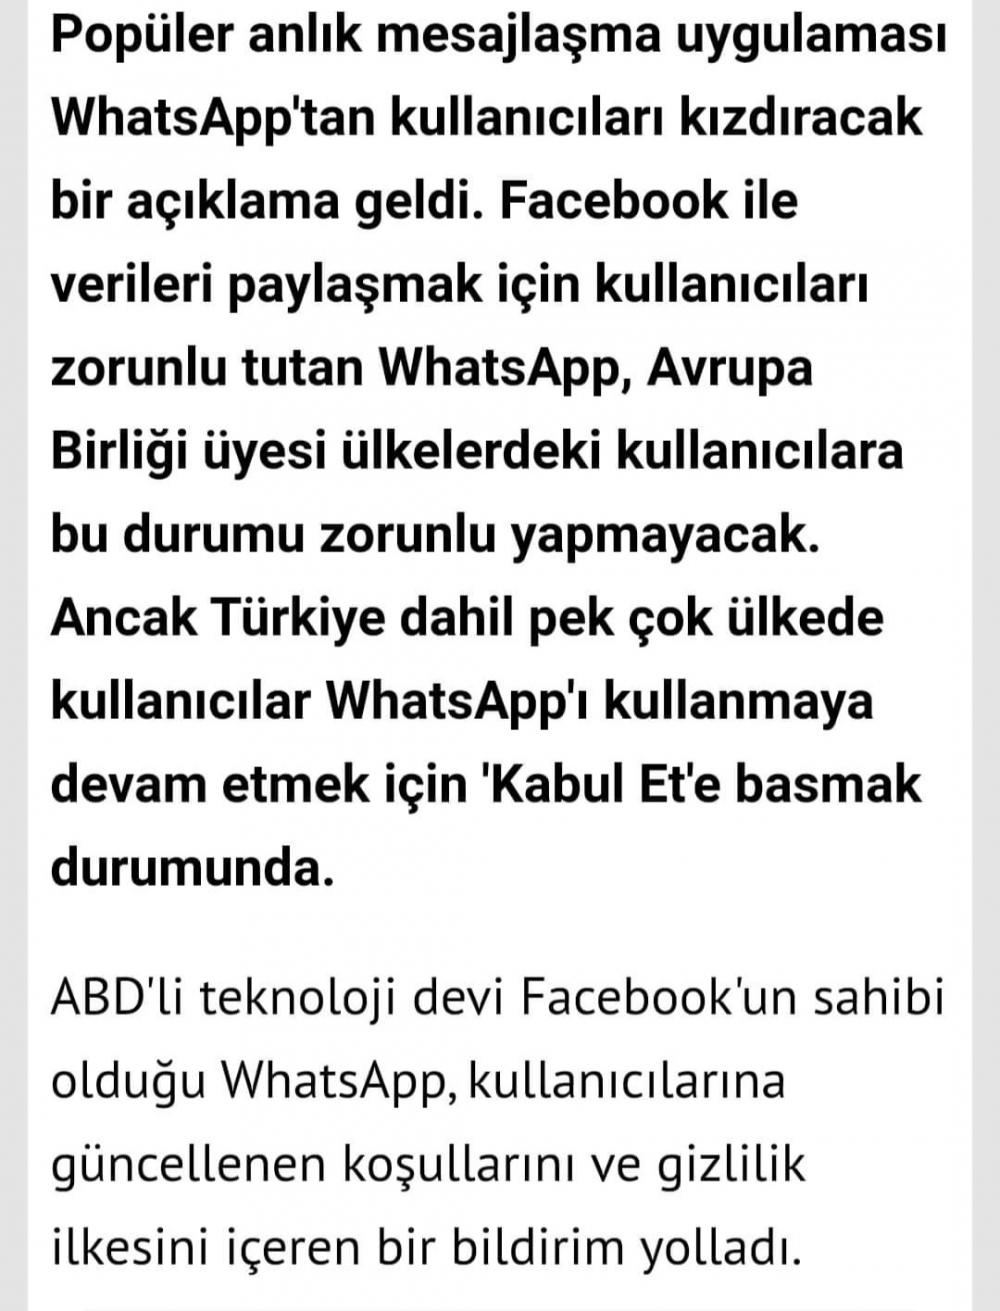 WhatsApp gizlilik sözleşmesi nedir, ne anlama geliyor? Facebook ile hangi verileriniz paylaşılacak?